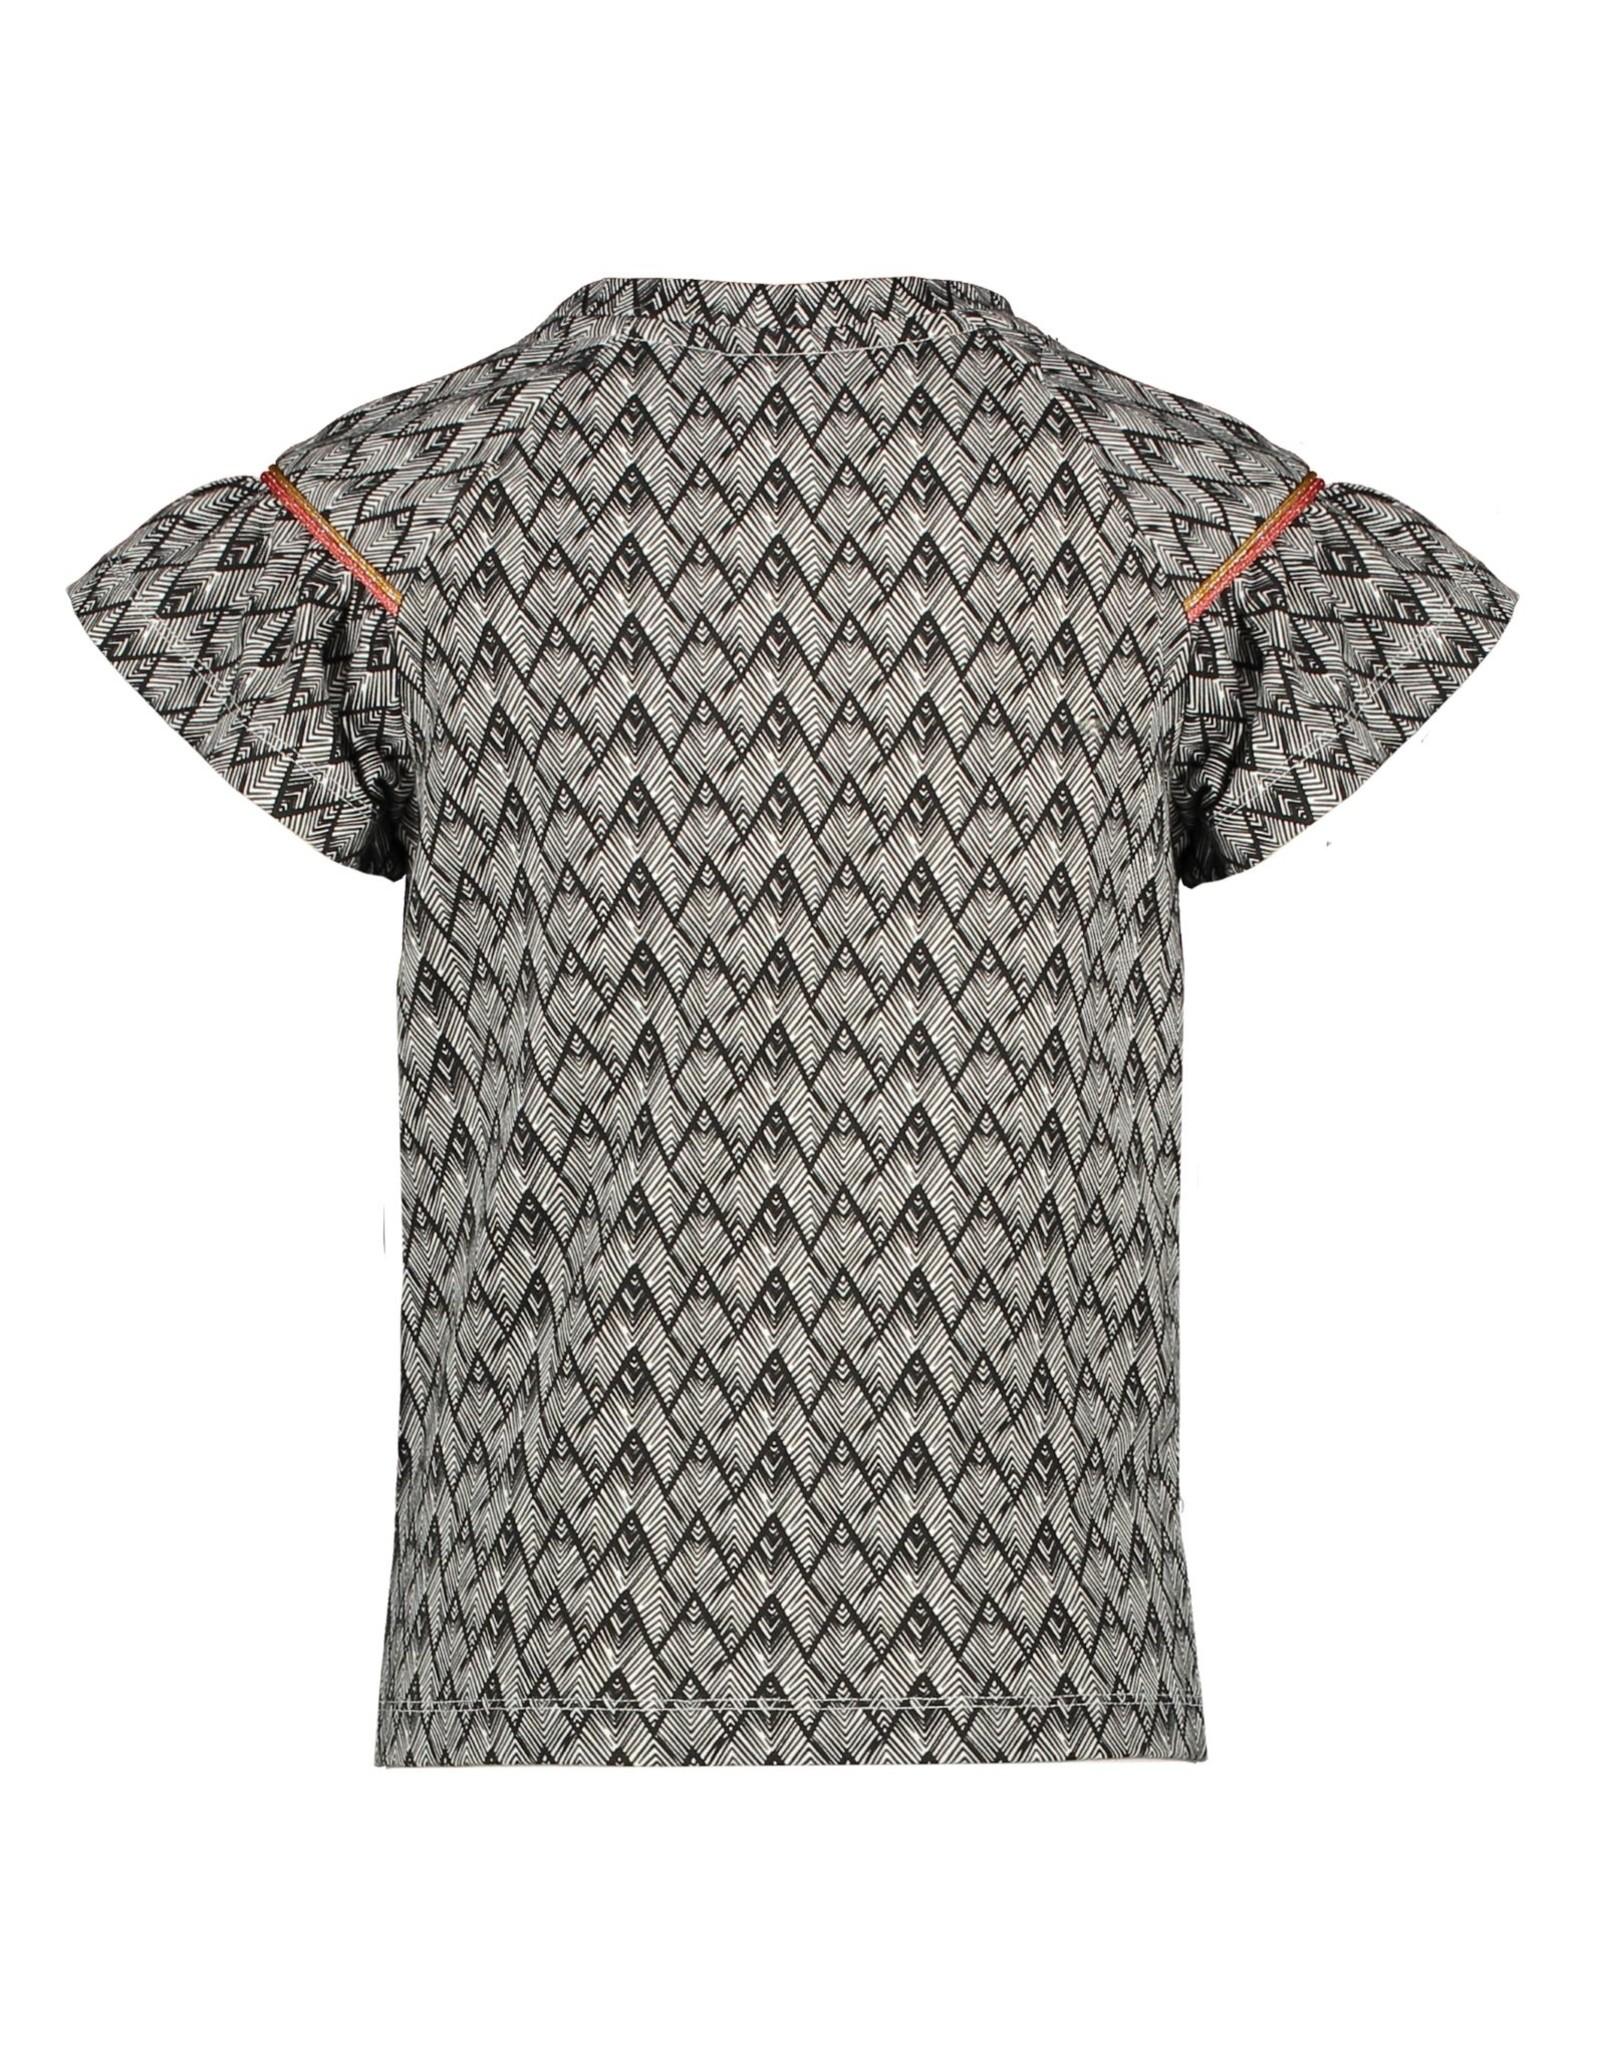 NONO NONO shirt 5405 antracite